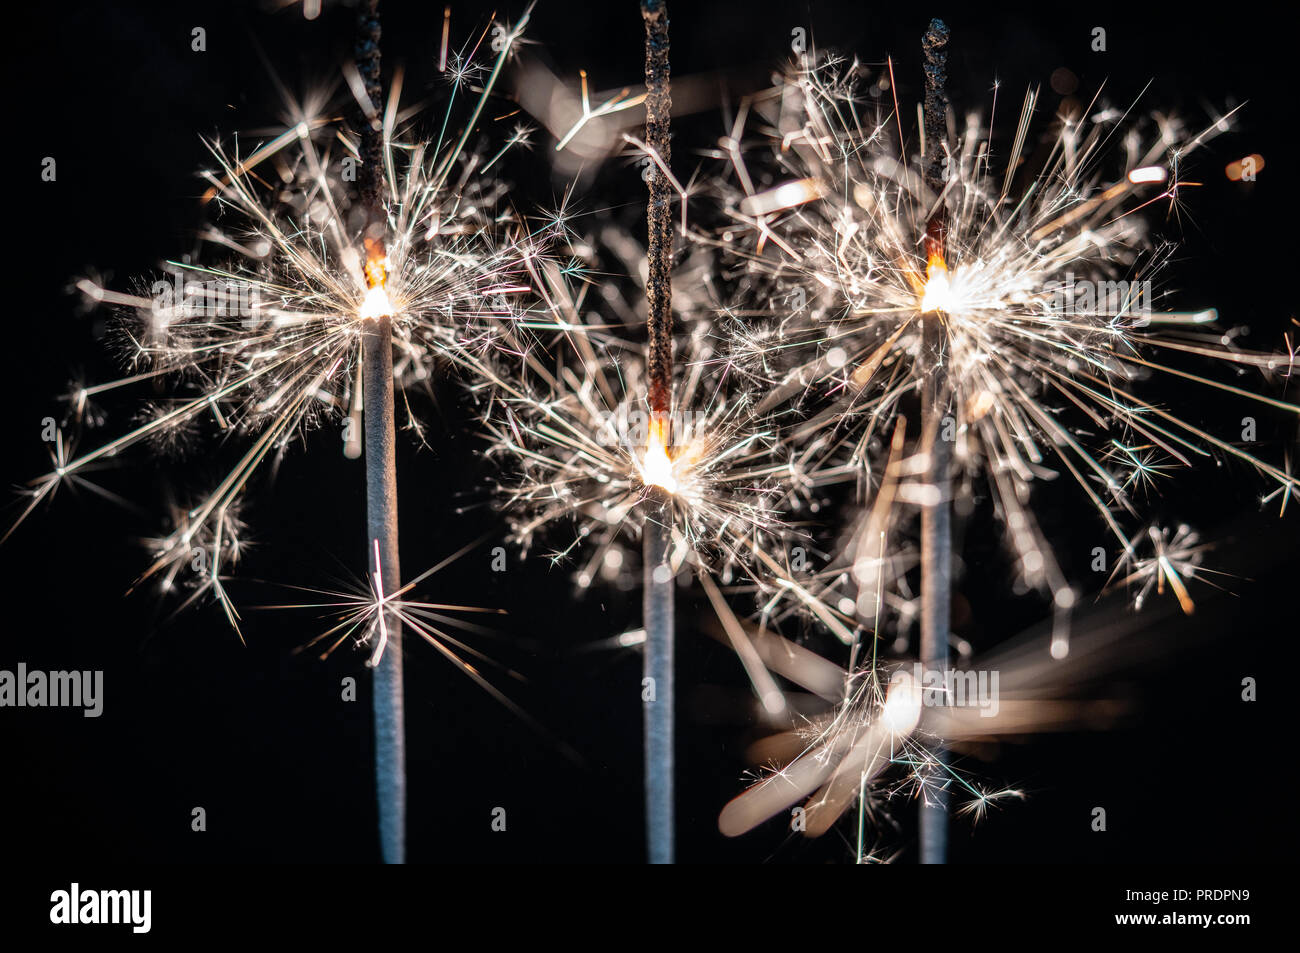 Feuerwerk, Wunderkerzen, bersten vor einem schwarzen Hintergrund Stockfoto